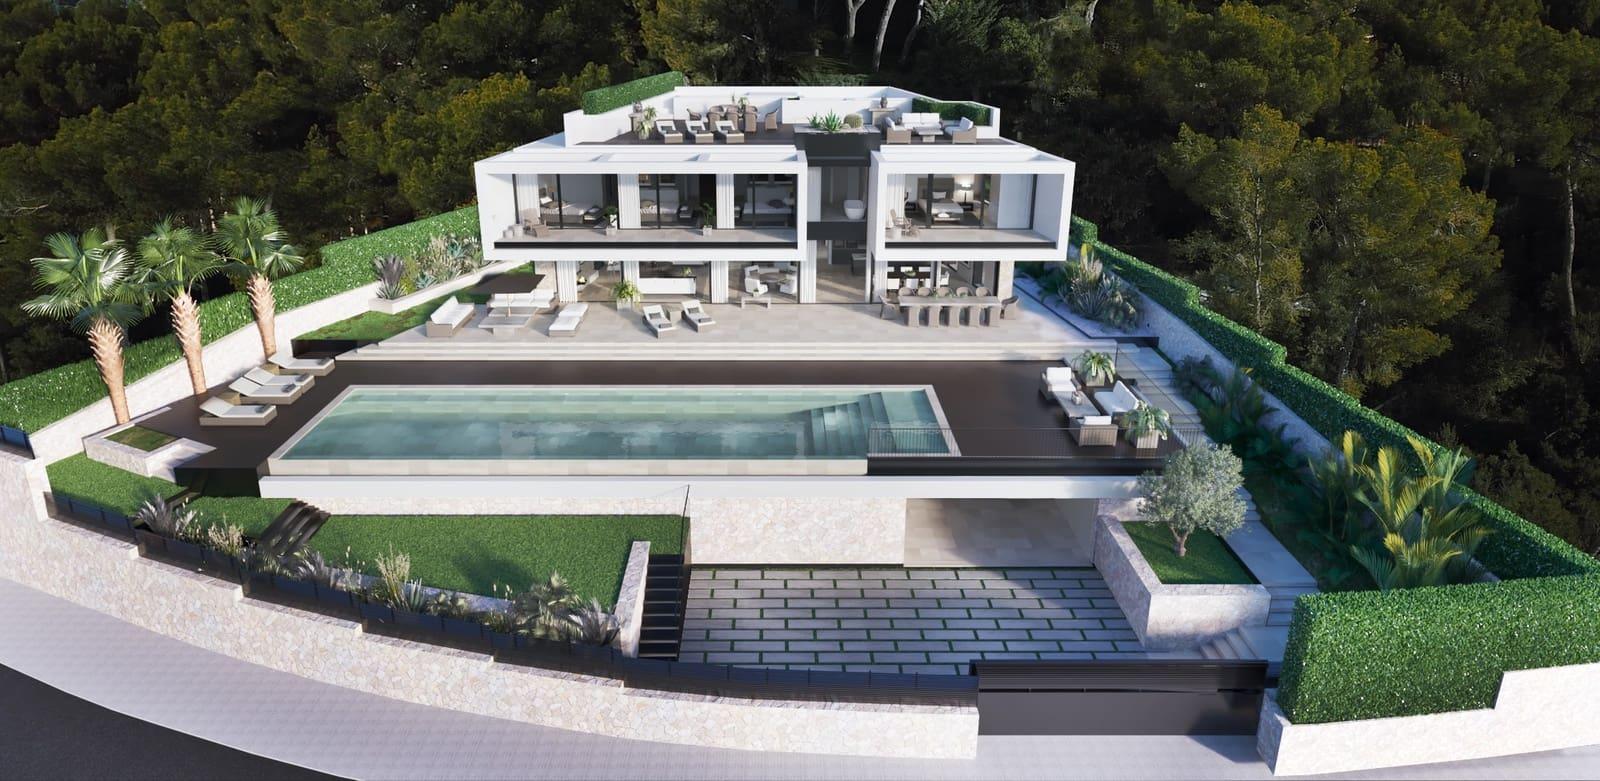 6 chambre Villa/Maison à vendre à Cas Catala avec piscine - 7 900 000 € (Ref: 5150703)